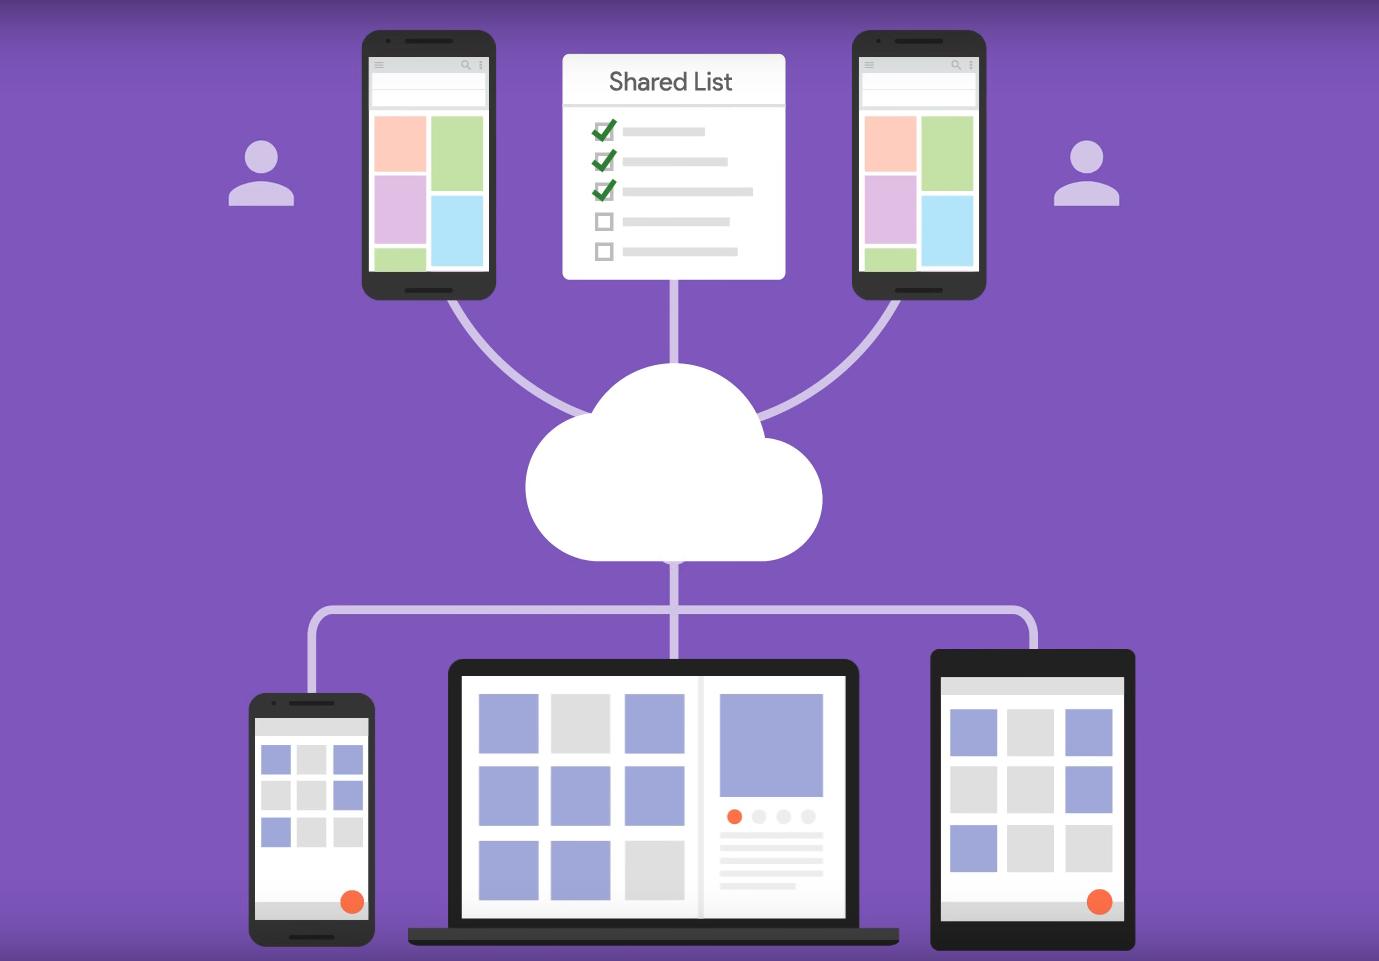 使用 Android Studio 3 開發新世代旗艦雲端資料庫 Cloud Firestore 之首部曲,類別庫導入與設定